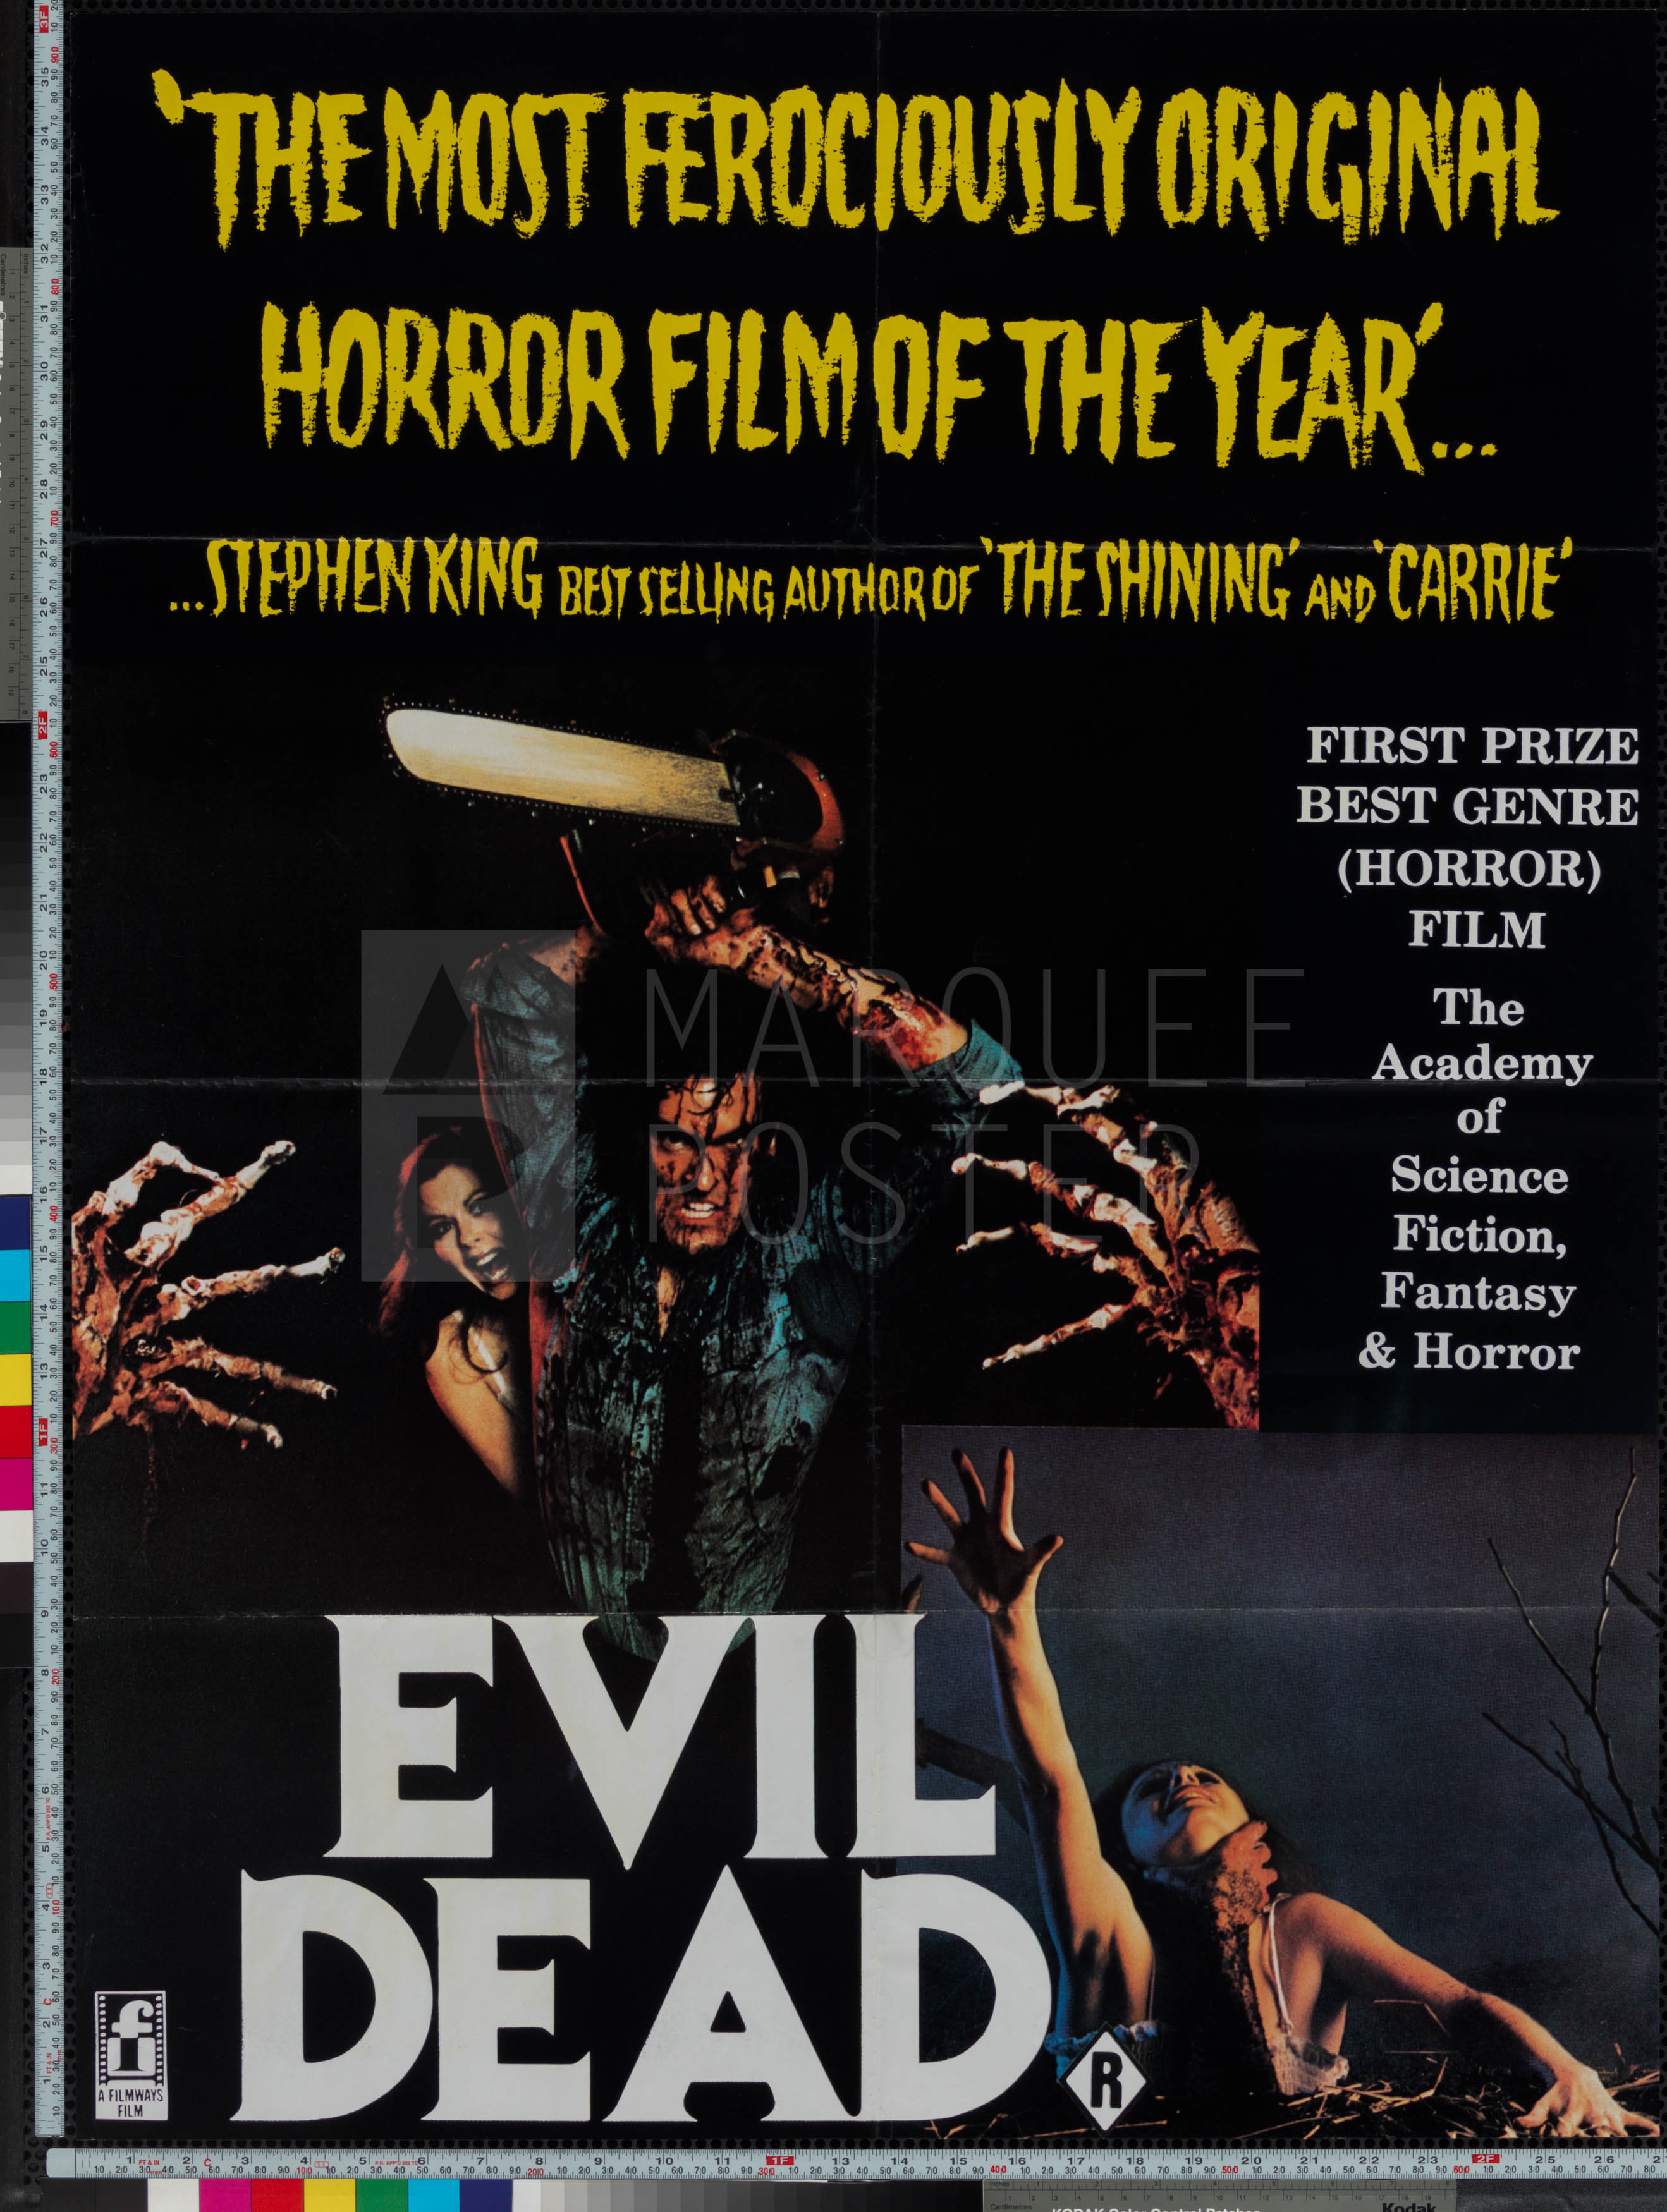 45-evil-dead-australian-1-sheet-1983-02